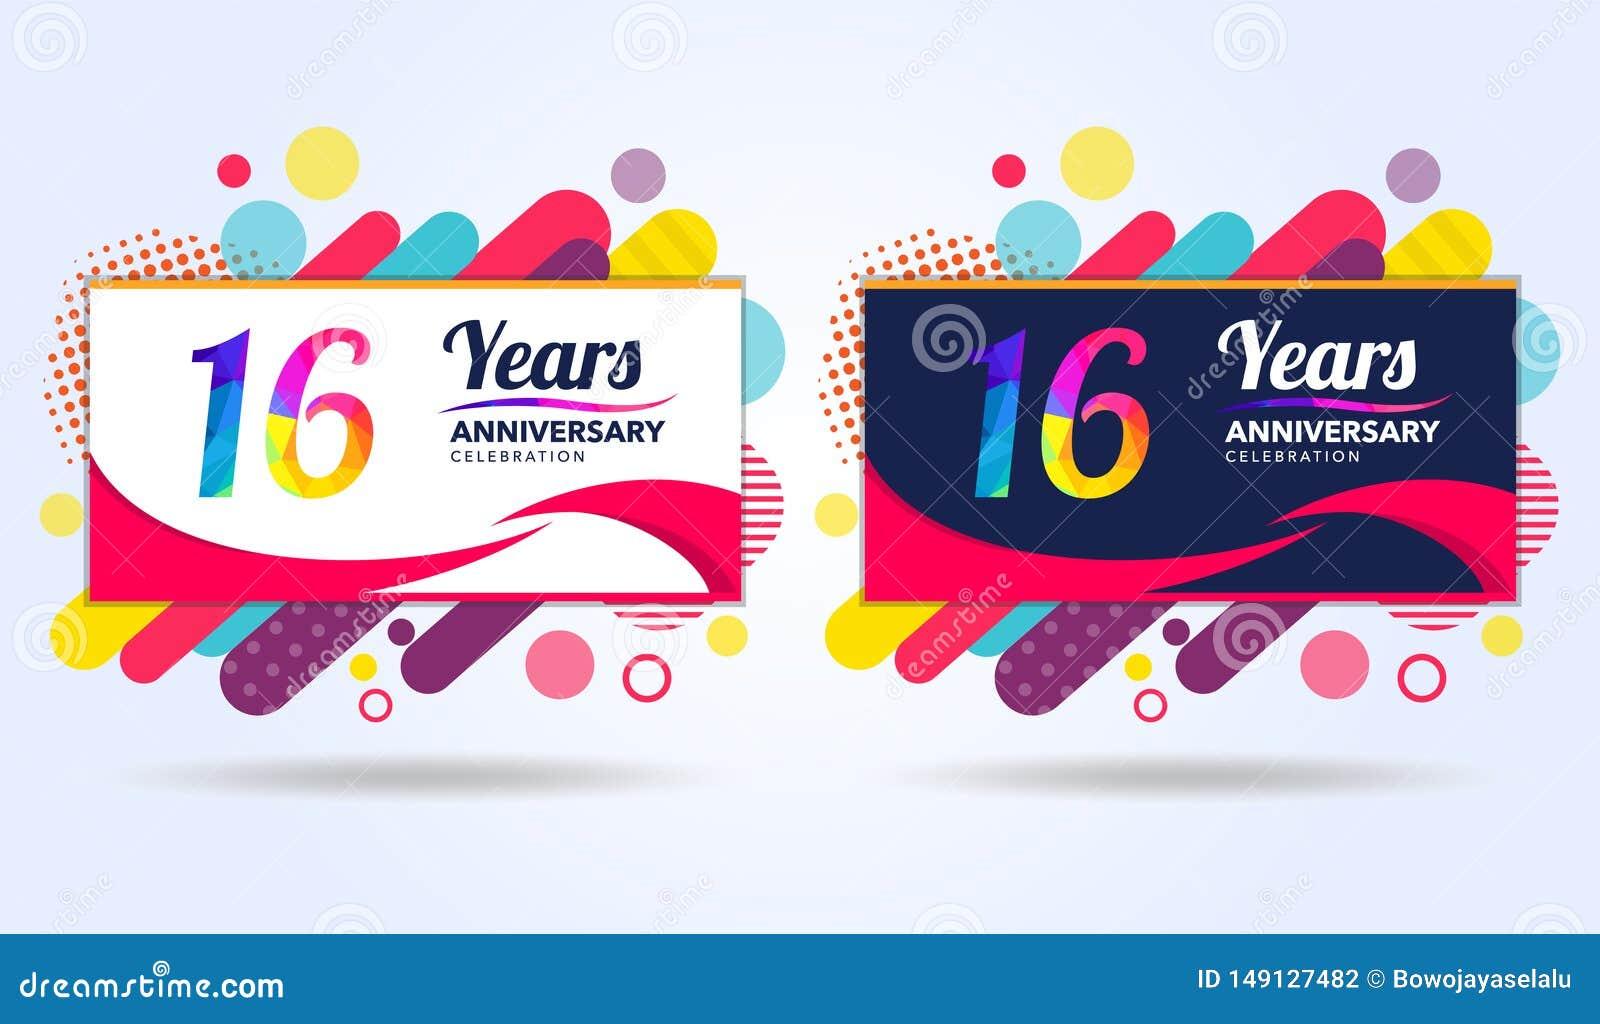 16 лет годовщины с современными квадратными элементами дизайна, красочного варианта, дизайна шаблона торжества, шаблона торжества